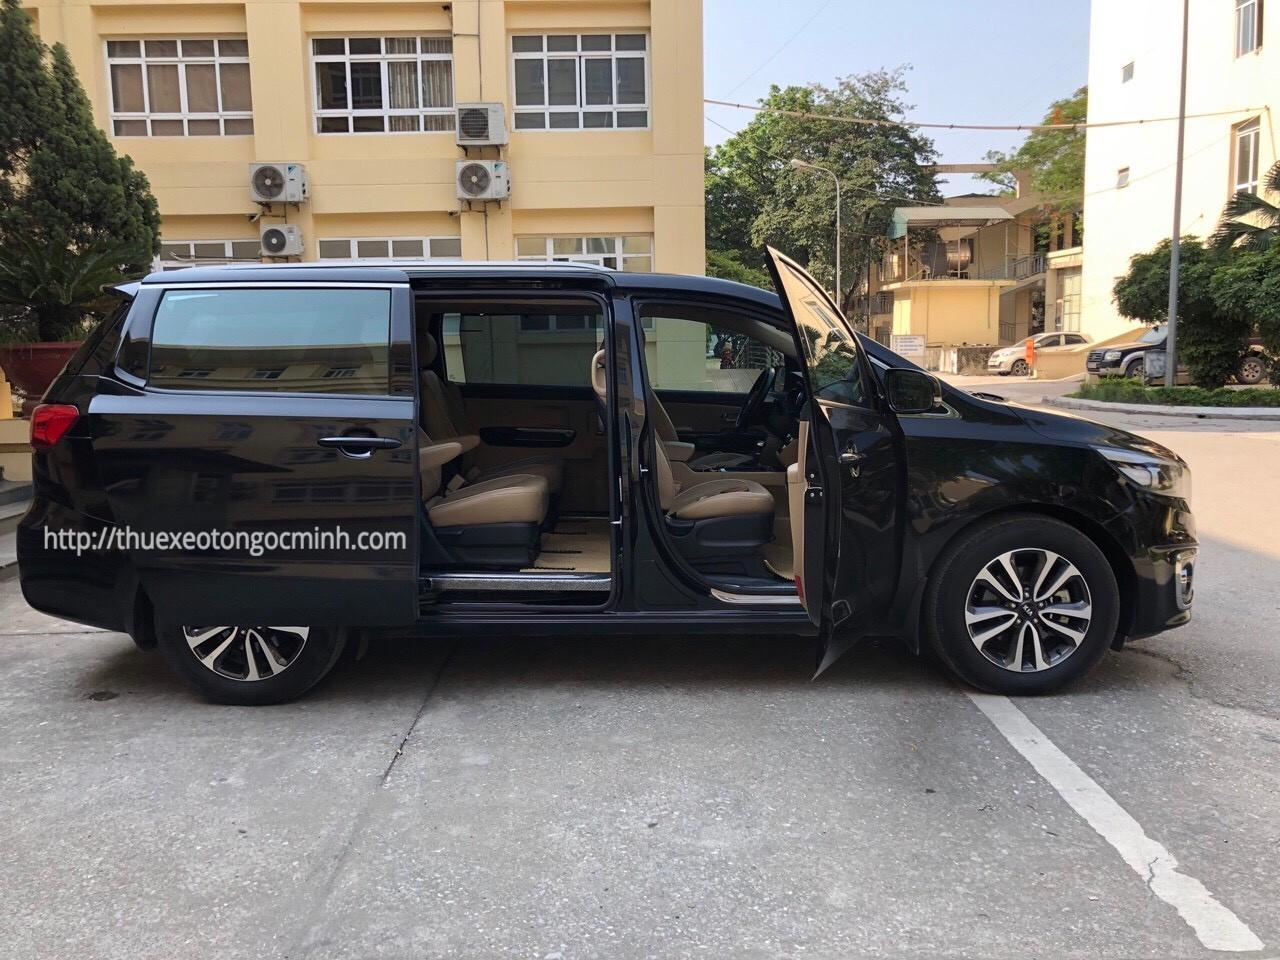 Thuê xe 7 chỗ Kia Sedona tại Hà Nội